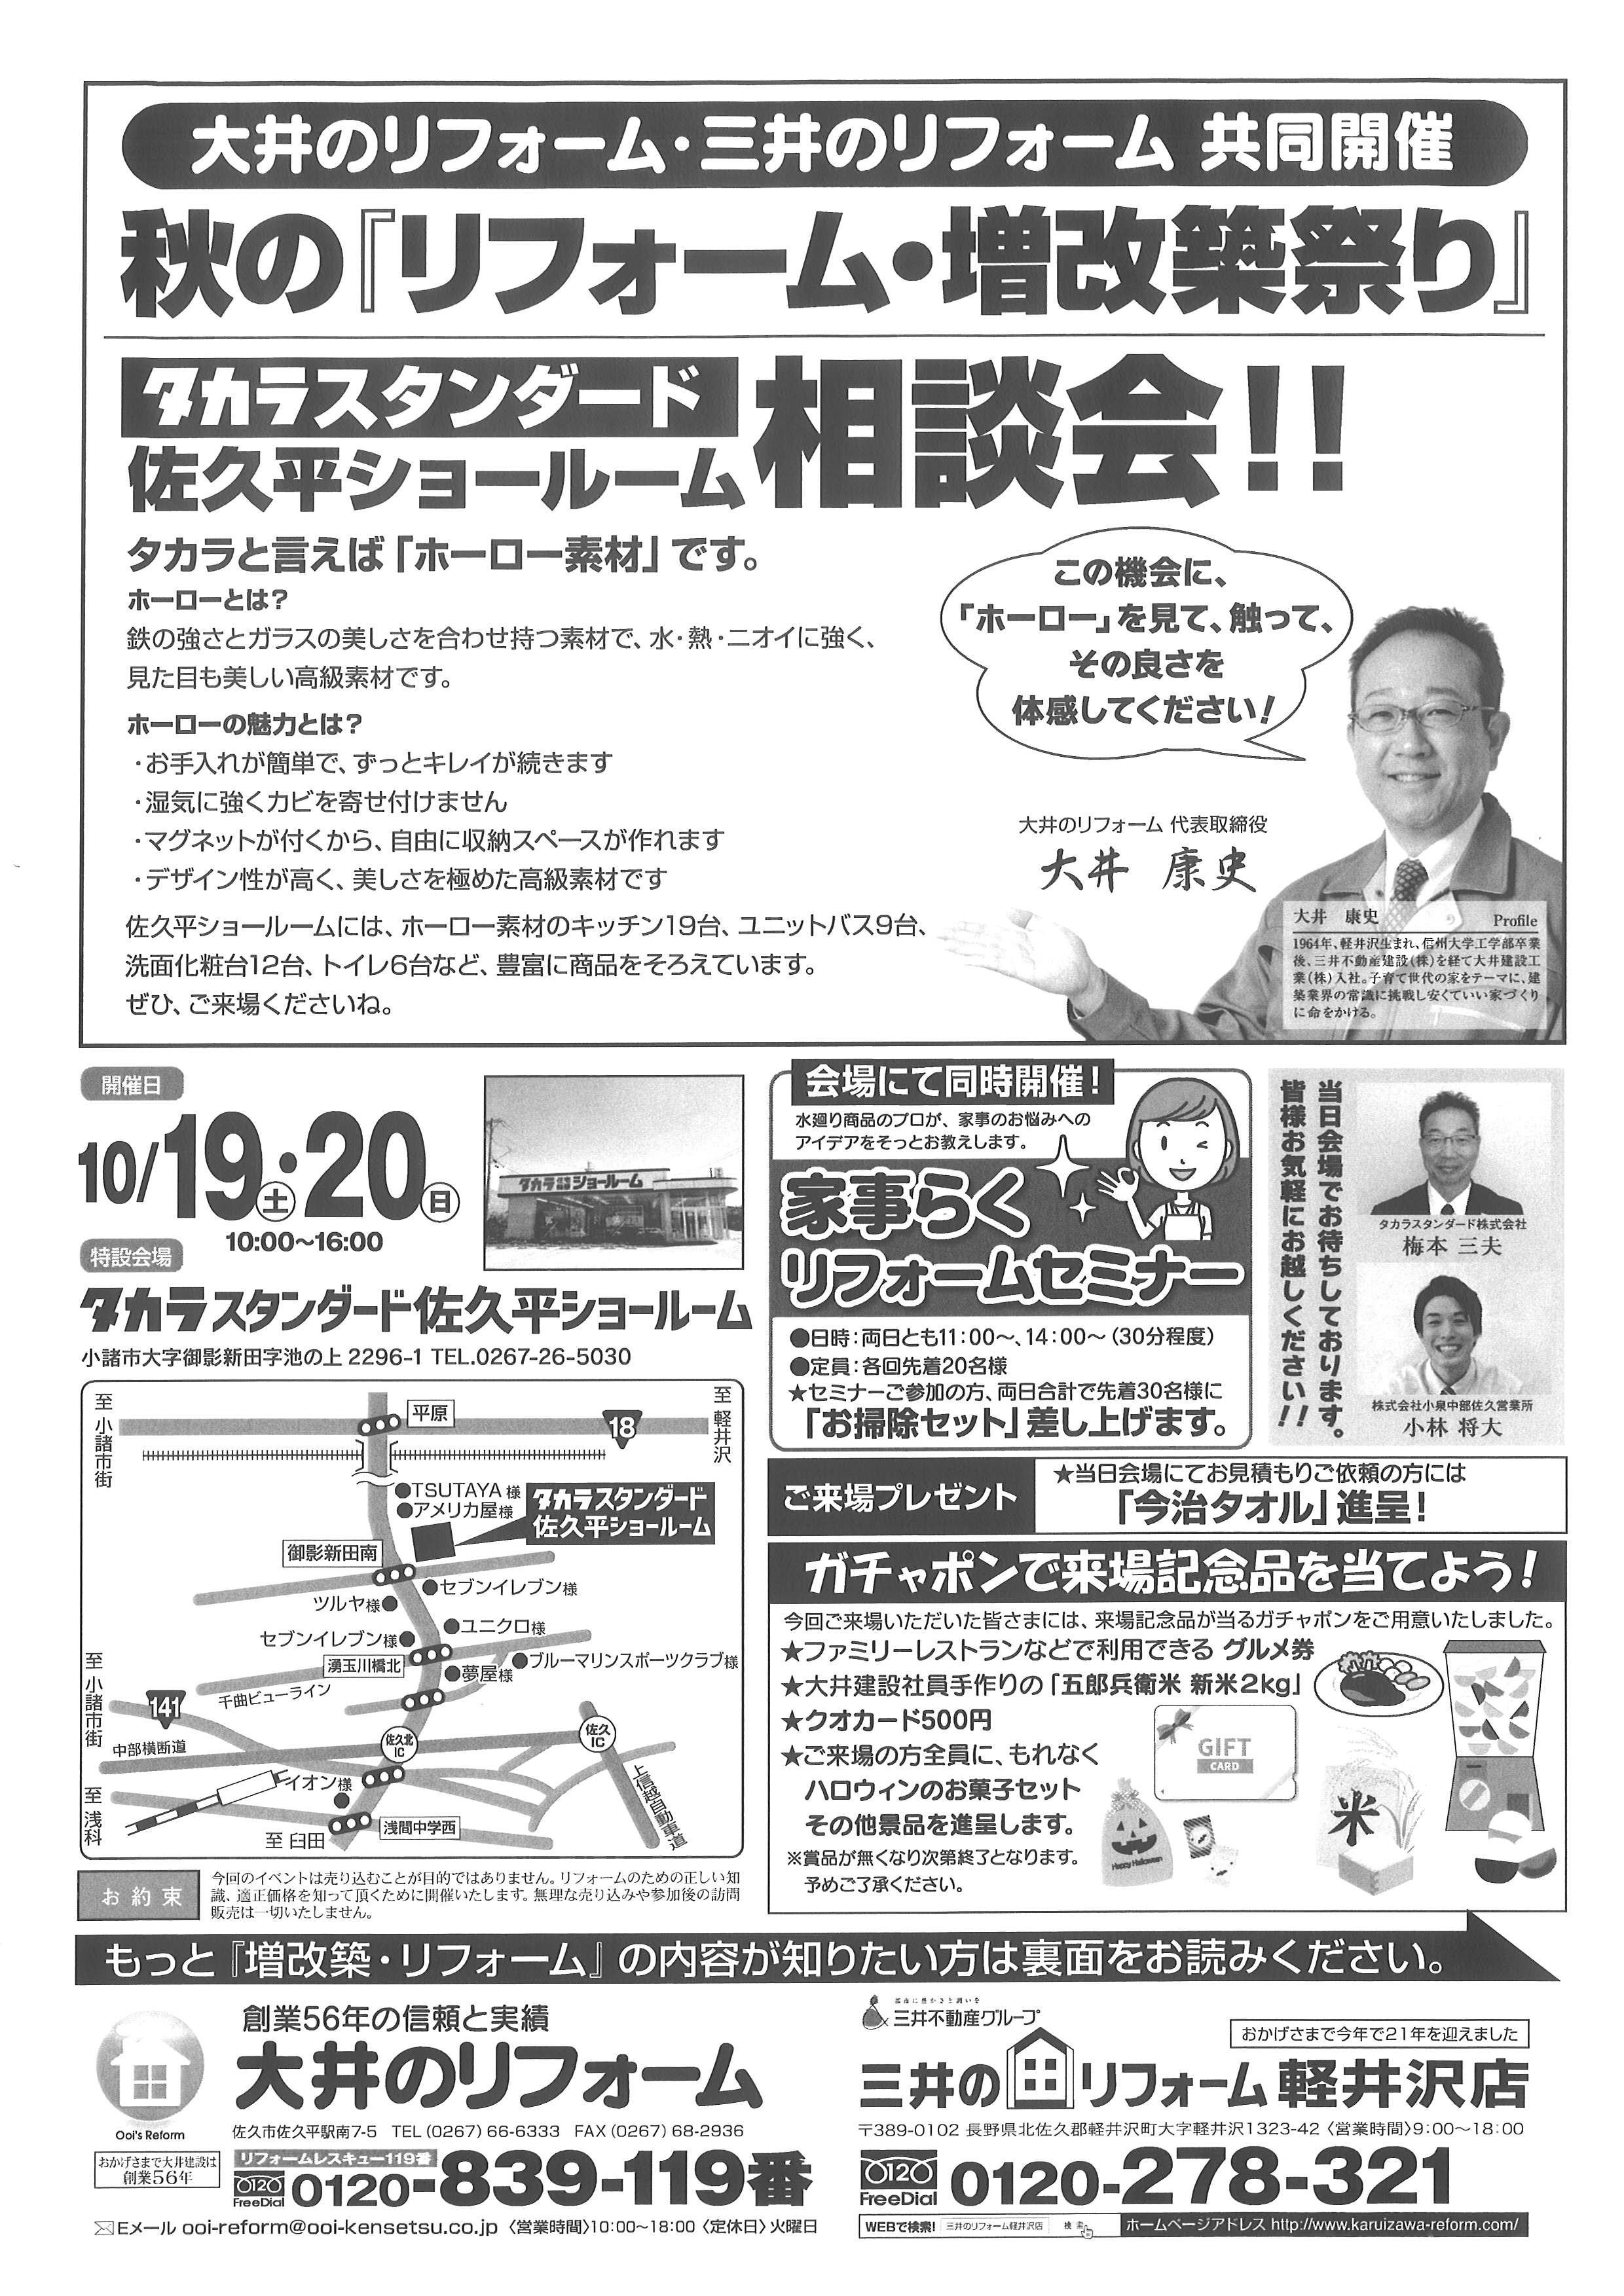 秋のリフォーム・増改築祭り相談会開催!